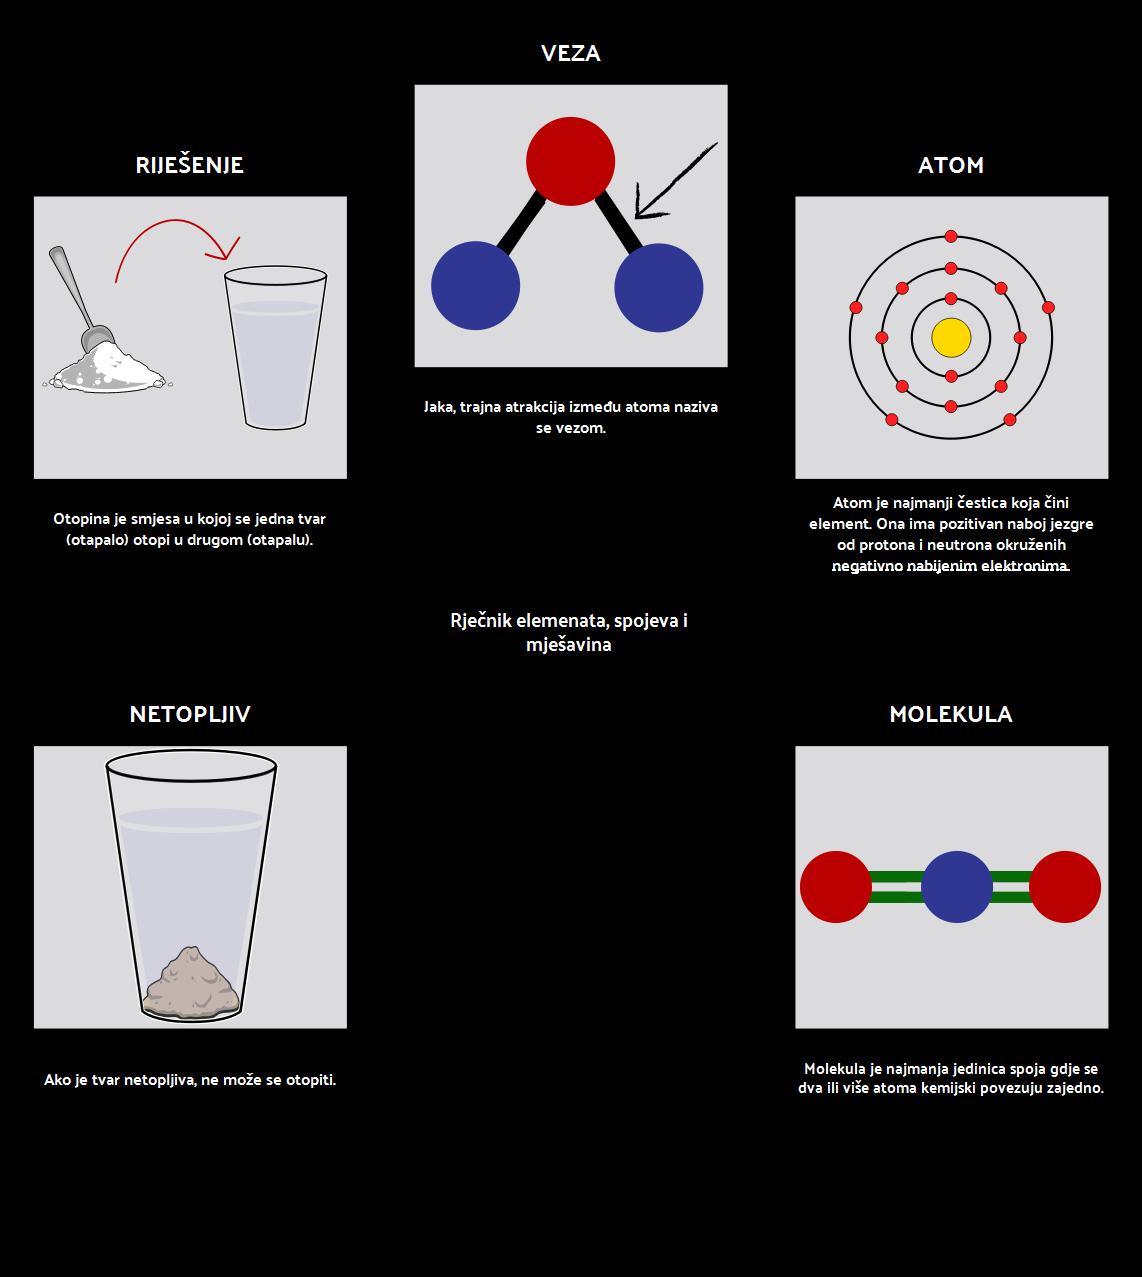 Rječnik Elemenata, Spojeva i Mješavina